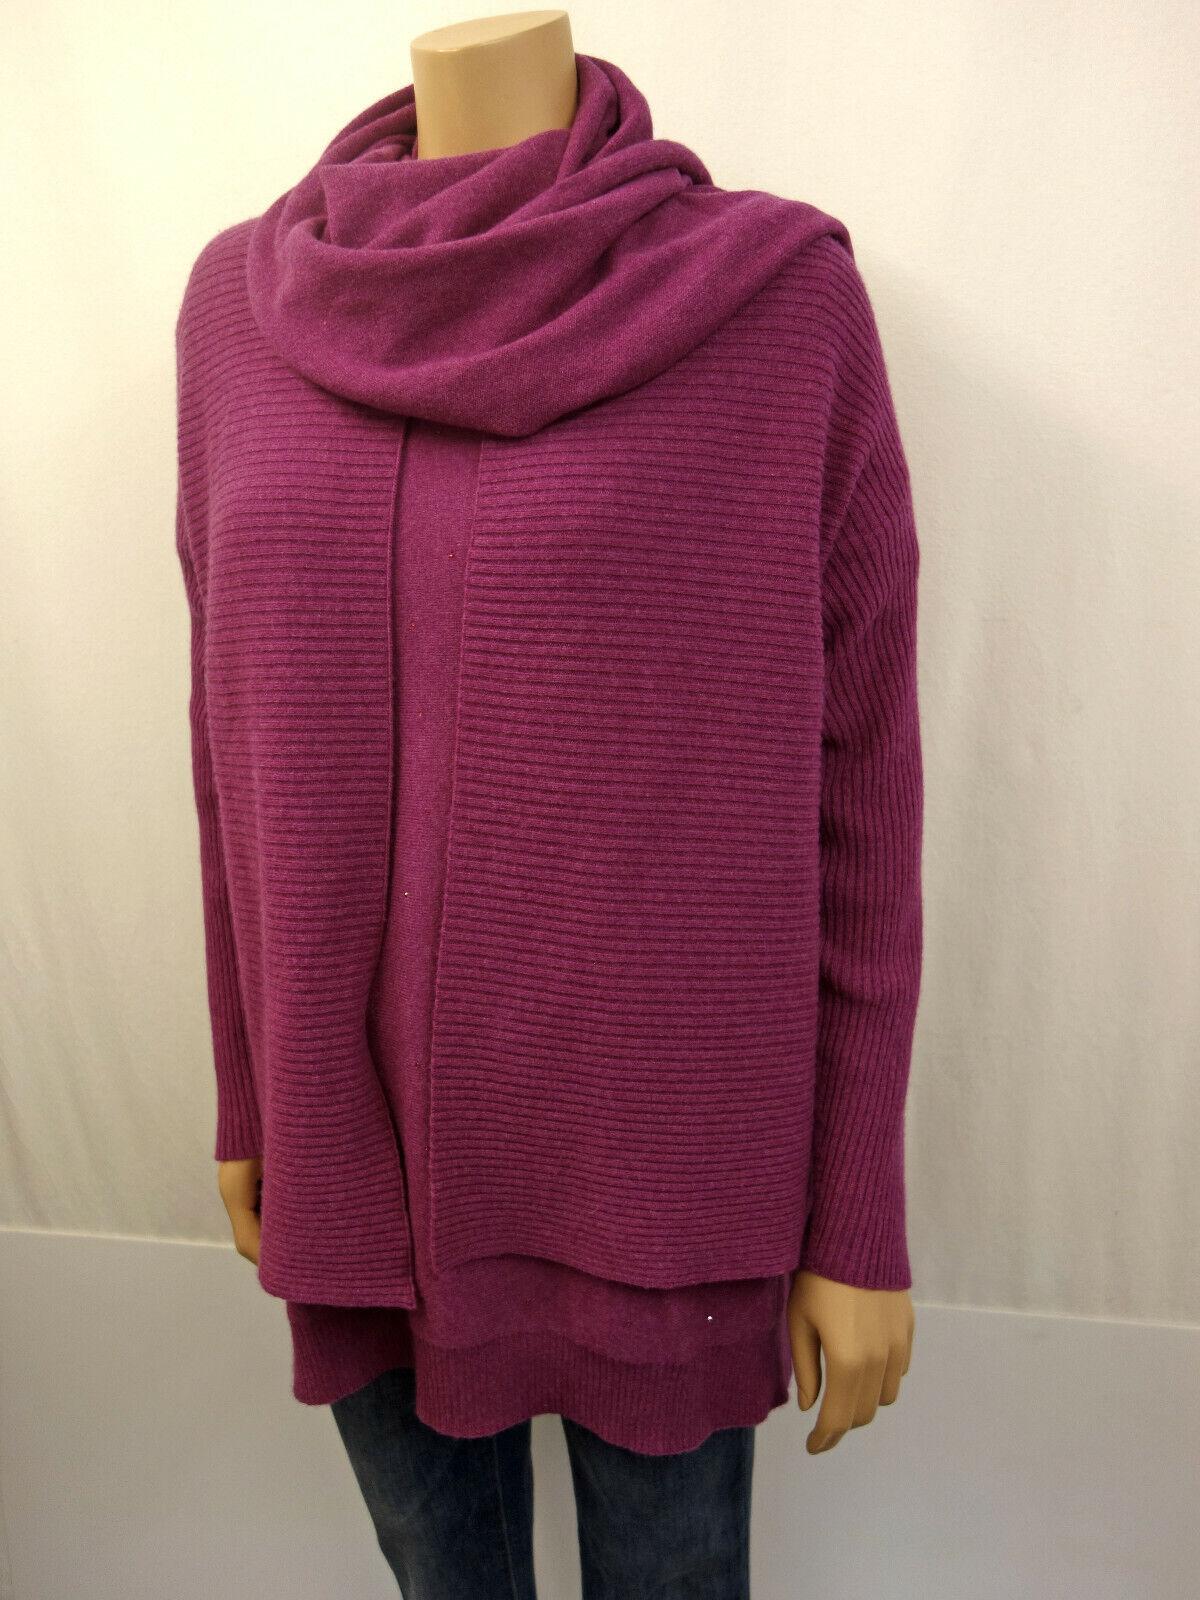 Hawico Scotland twinset suéter chaqueta de punto bufanda talla 42  44 cachemira Cashmere  orden ahora disfrutar de gran descuento